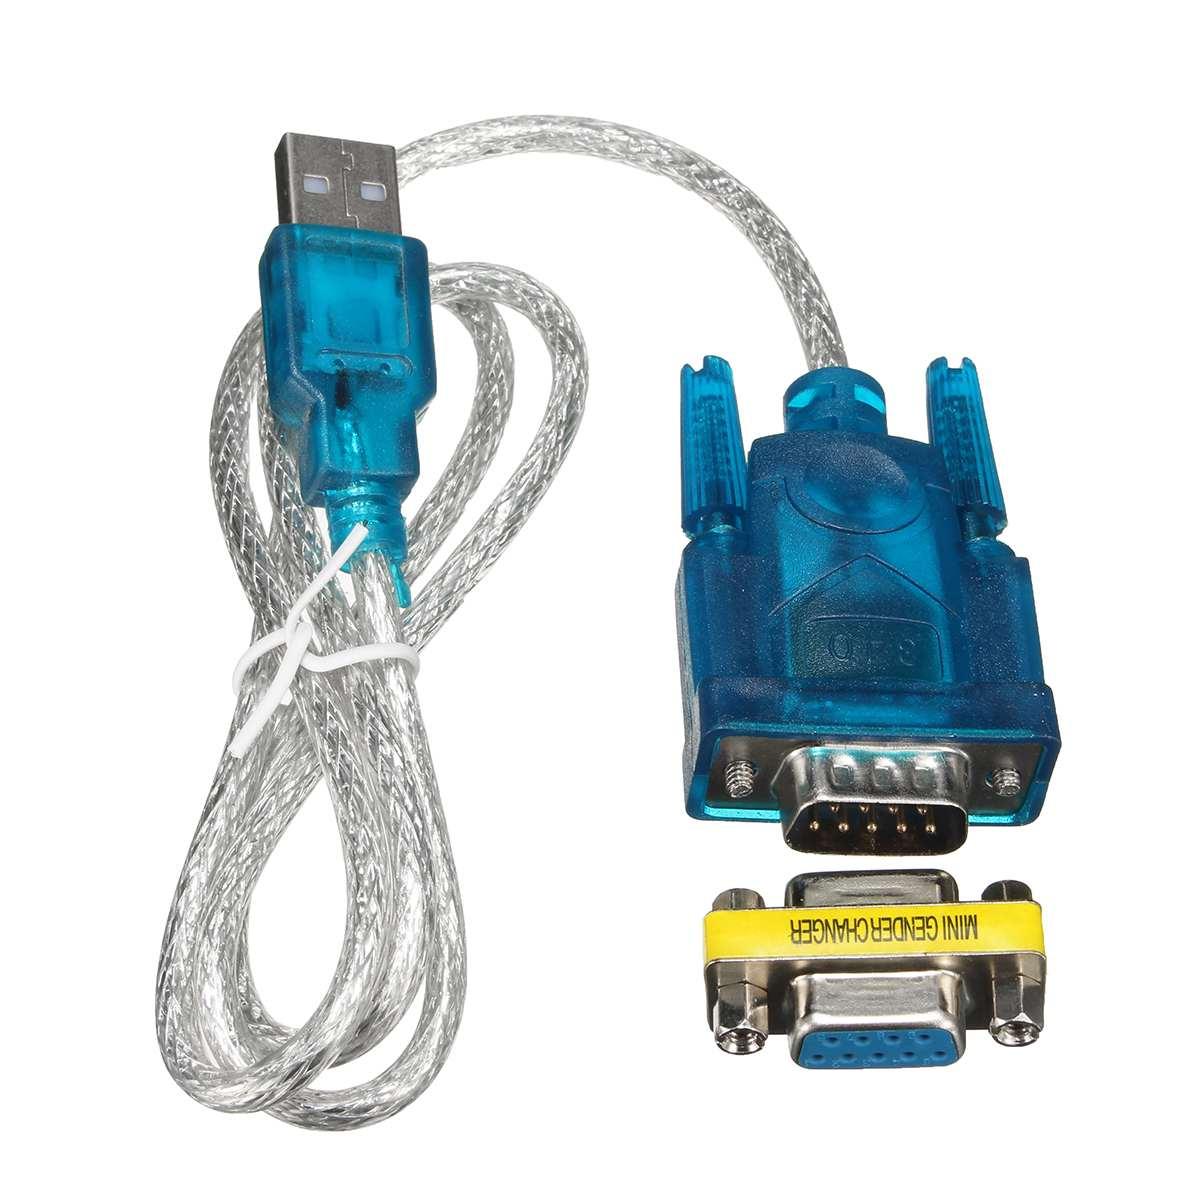 USB do RS232 portu szeregowego 9 Pin DB9 kabel szeregowy Port szeregowy konwerter do adaptera z adapter żeński obsługuje Windows 8 bez cd